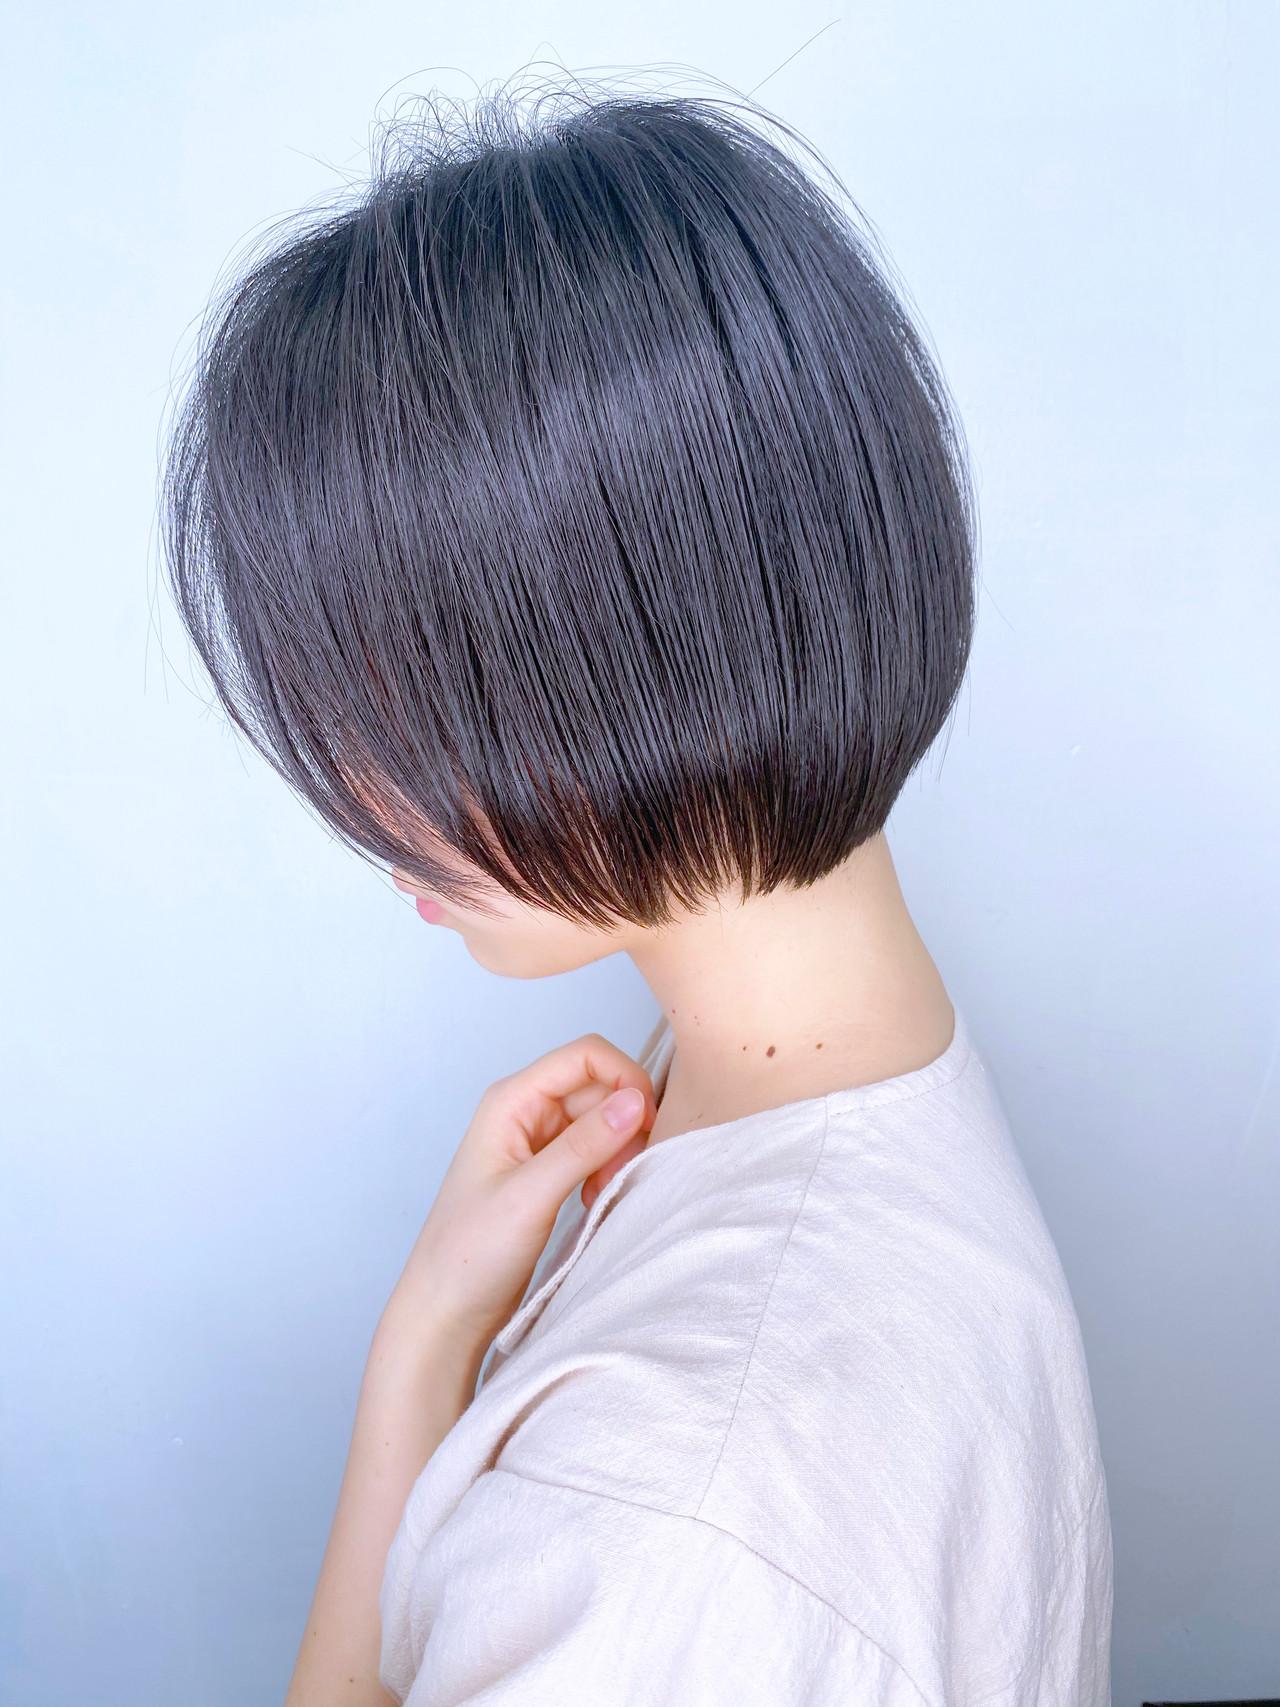 黒髪 ナチュラル ミニボブ ボブ ヘアスタイルや髪型の写真・画像 | 日平 海 / モリオフロムロンドン 池袋店